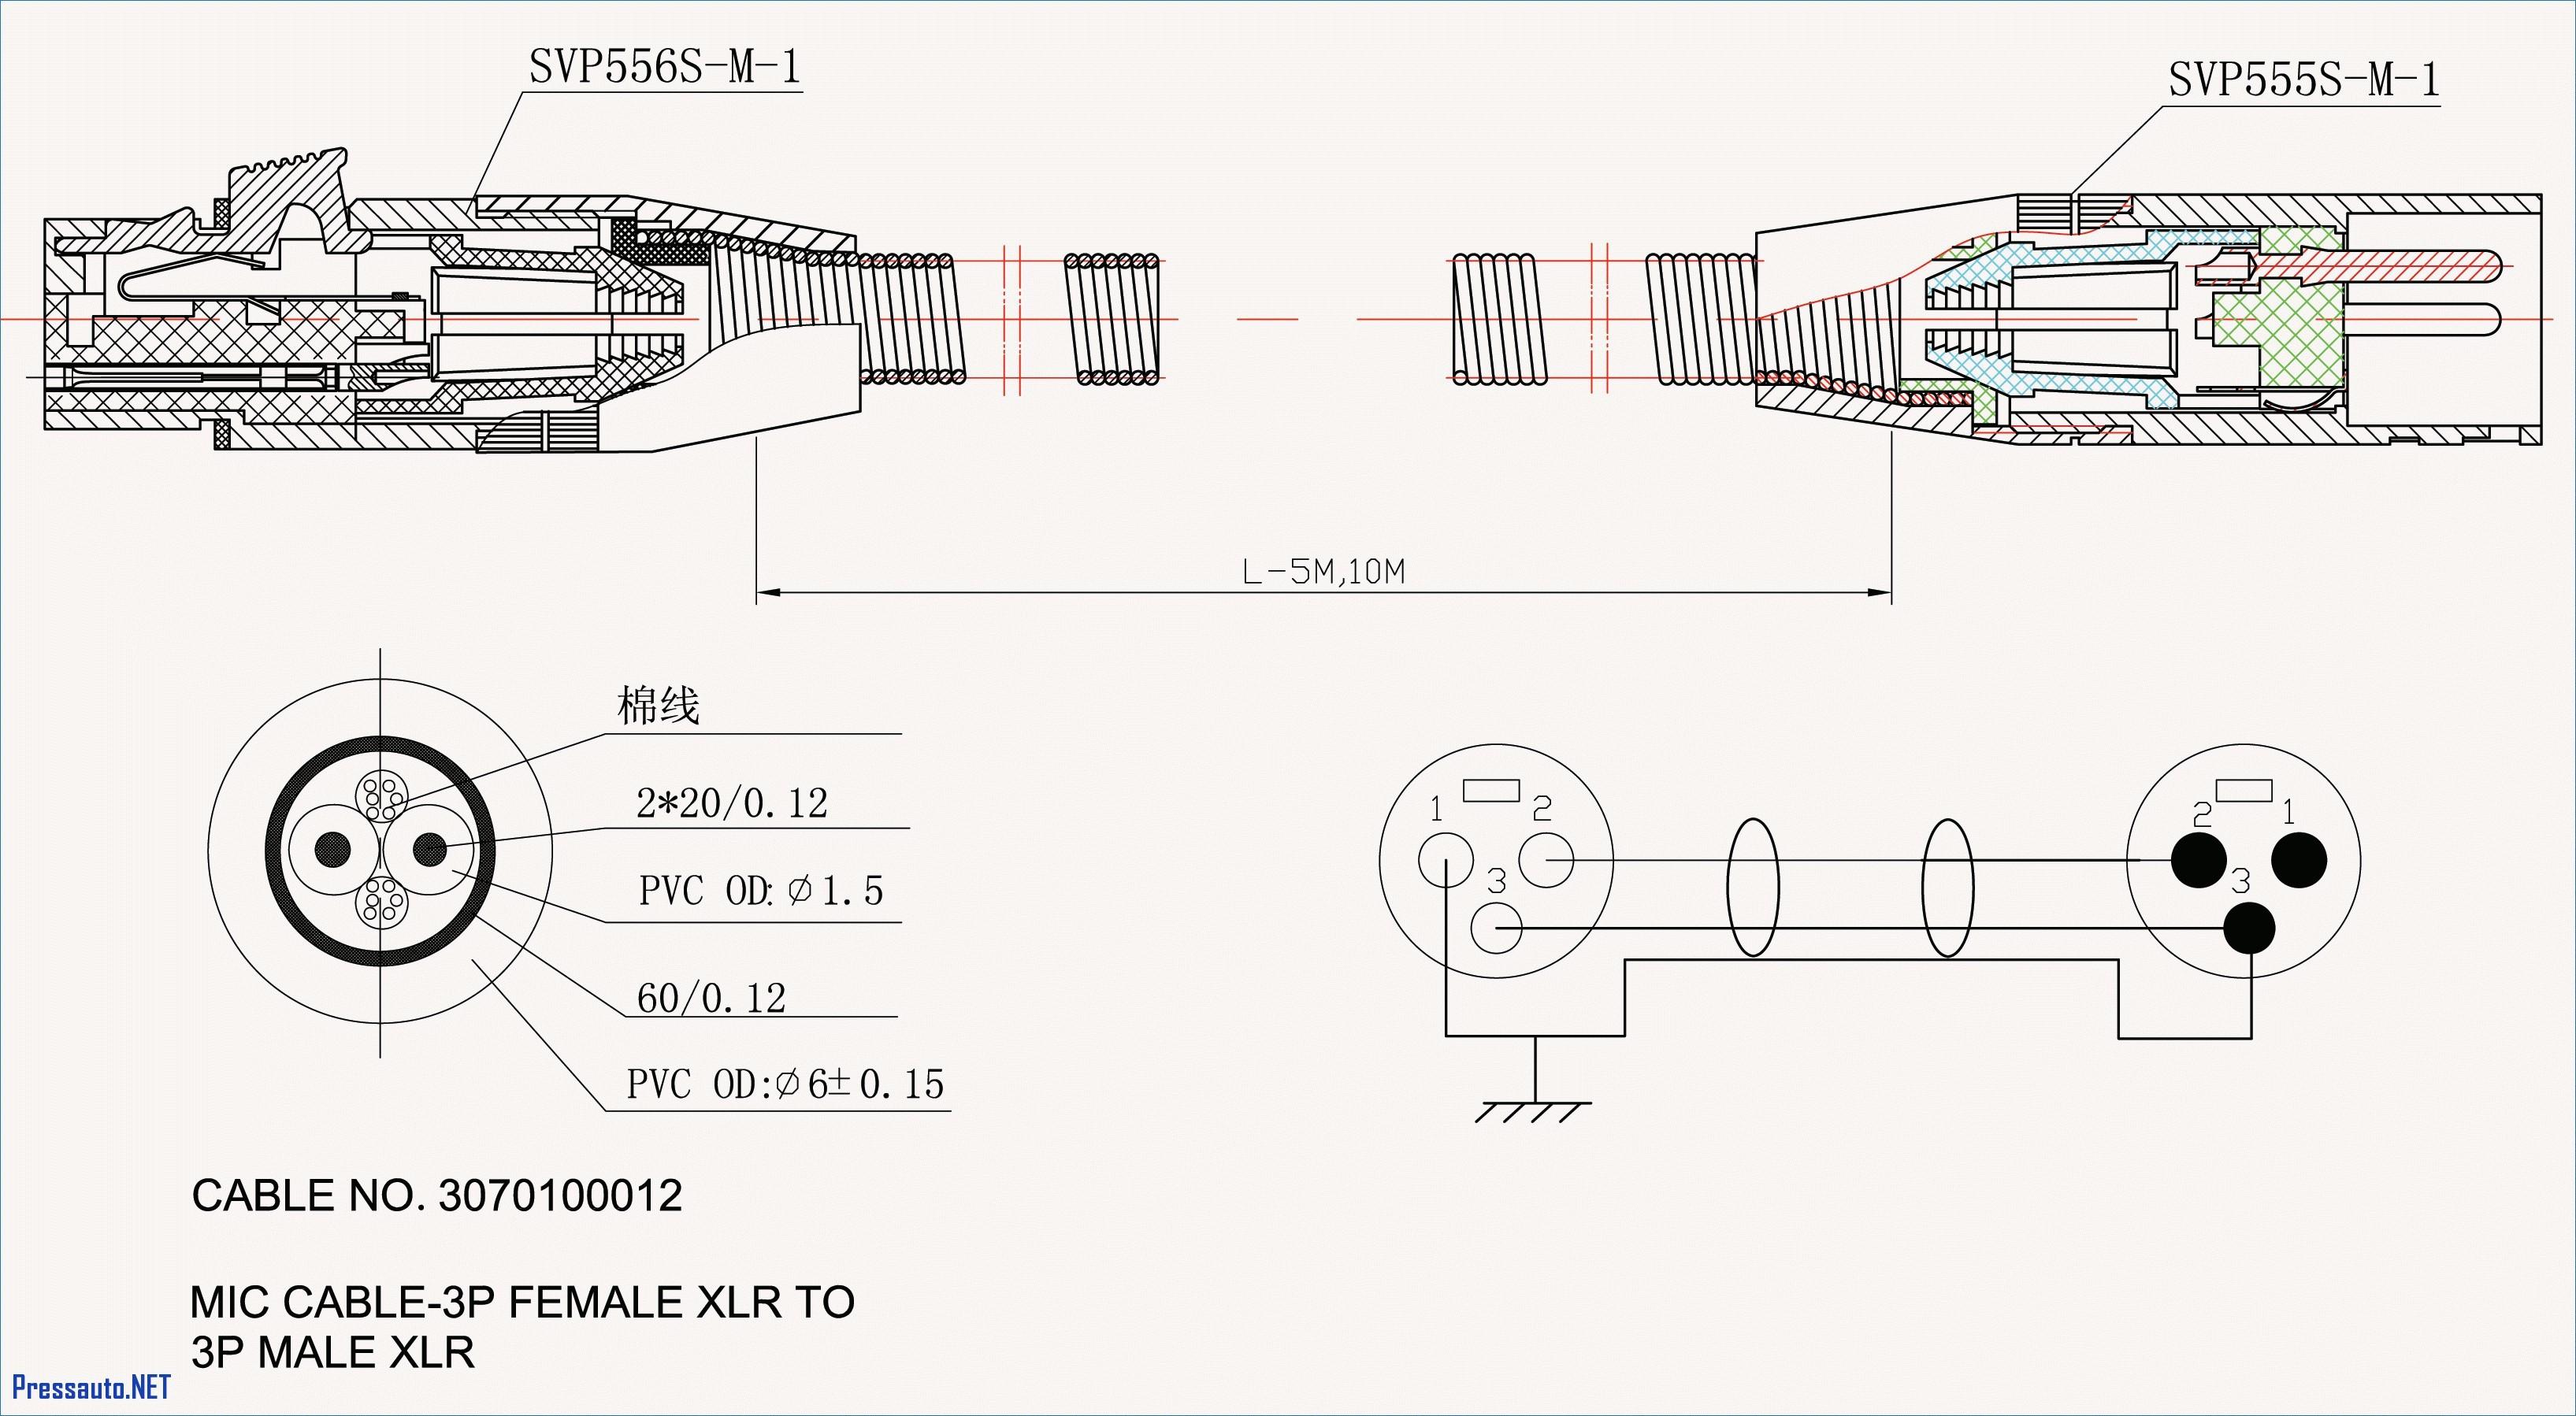 2006 Lexus Gs300 Engine Diagram Xbox 1 Wiring Diagram Another Blog About Wiring Diagram • Of 2006 Lexus Gs300 Engine Diagram